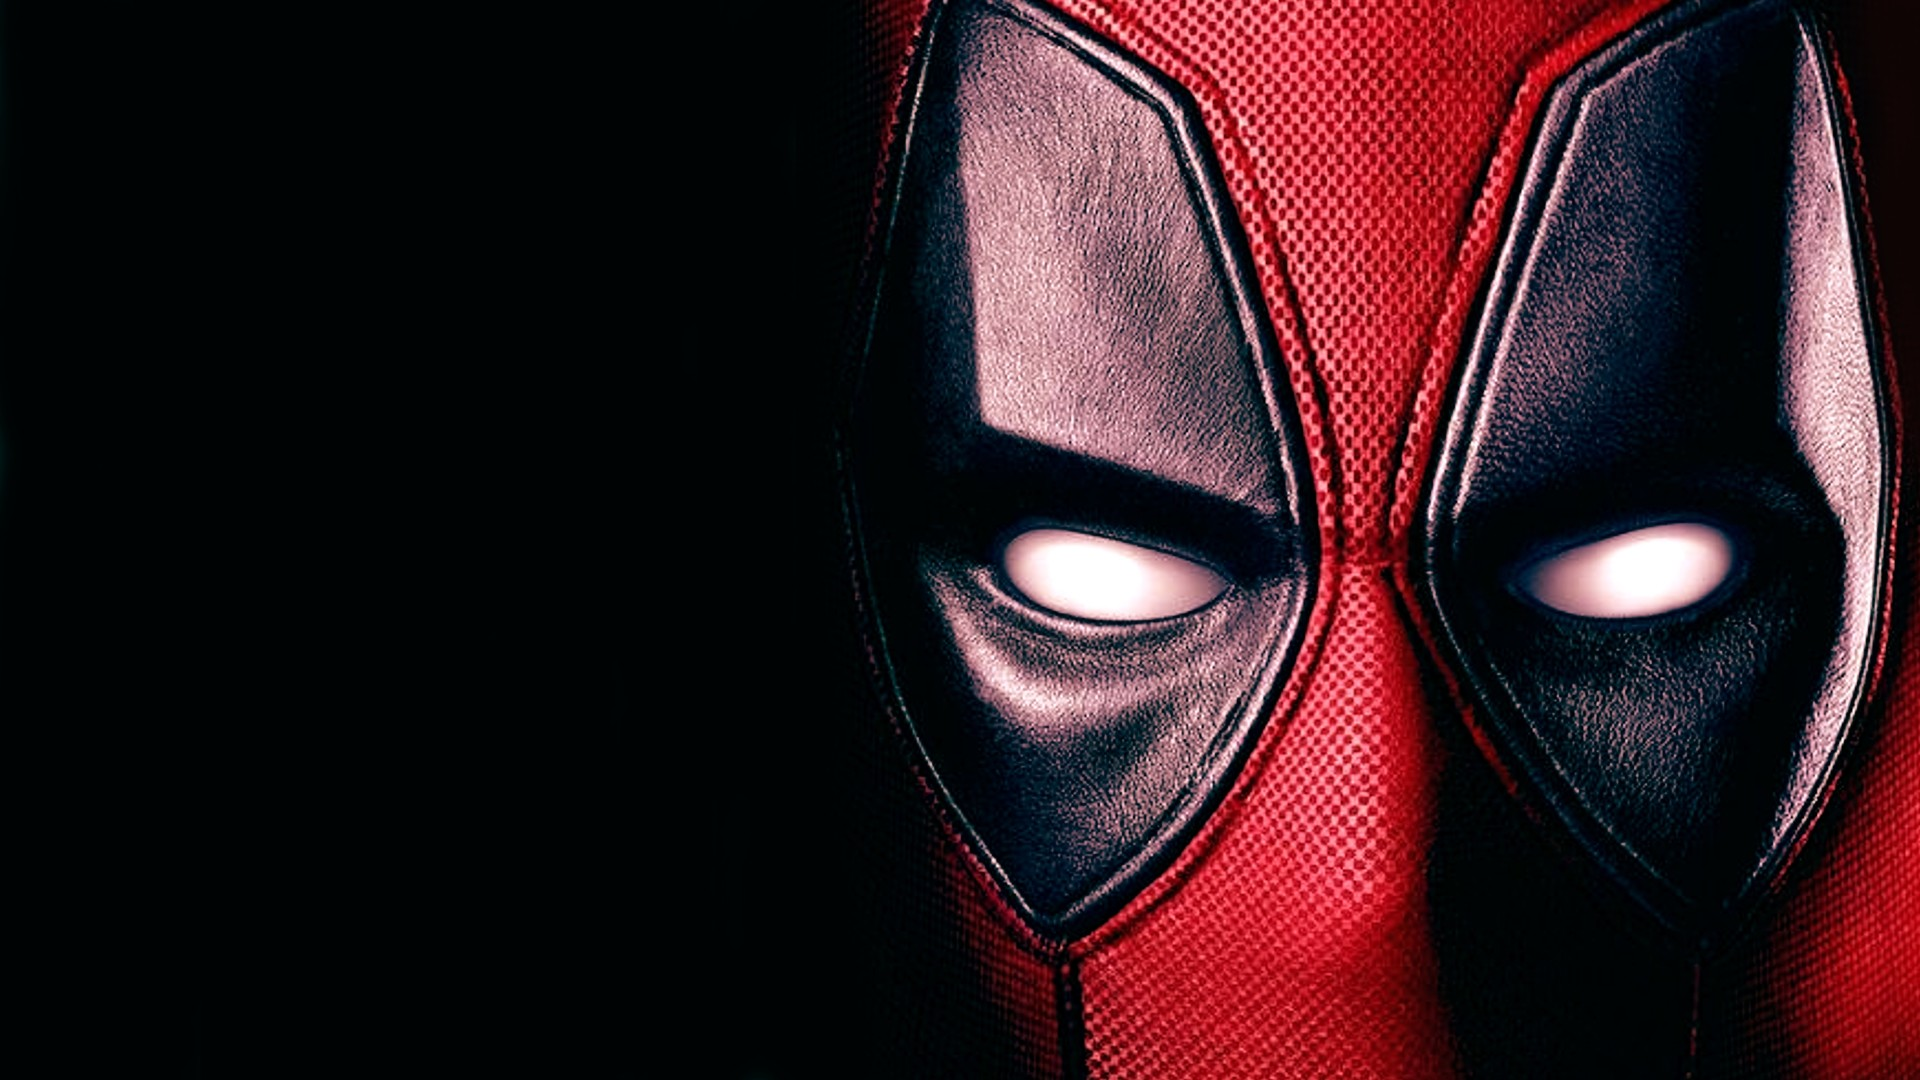 Deadpool Wallpaper by believemary Deadpool Wallpaper by believemary